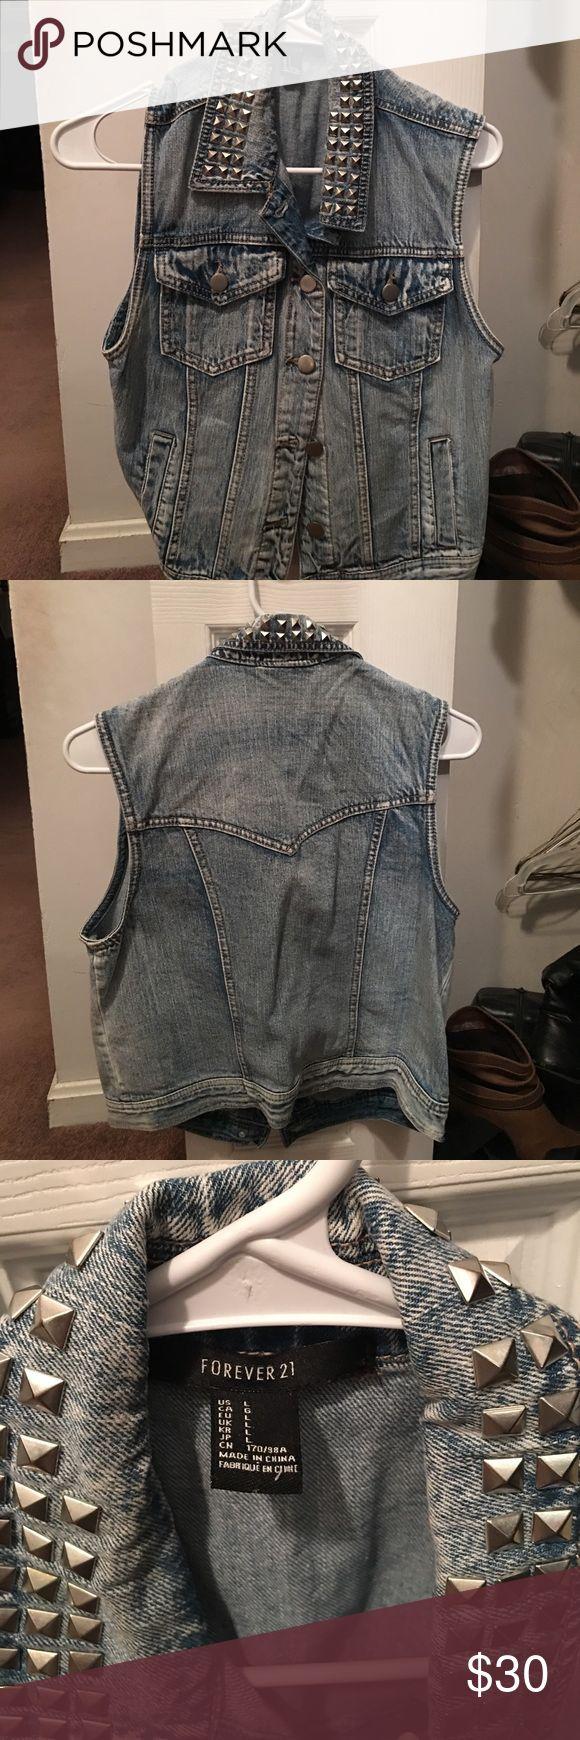 Forever21 studded collar jean vest Stylish studded collar jean vest from forever21 Forever 21 Jackets & Coats Vests